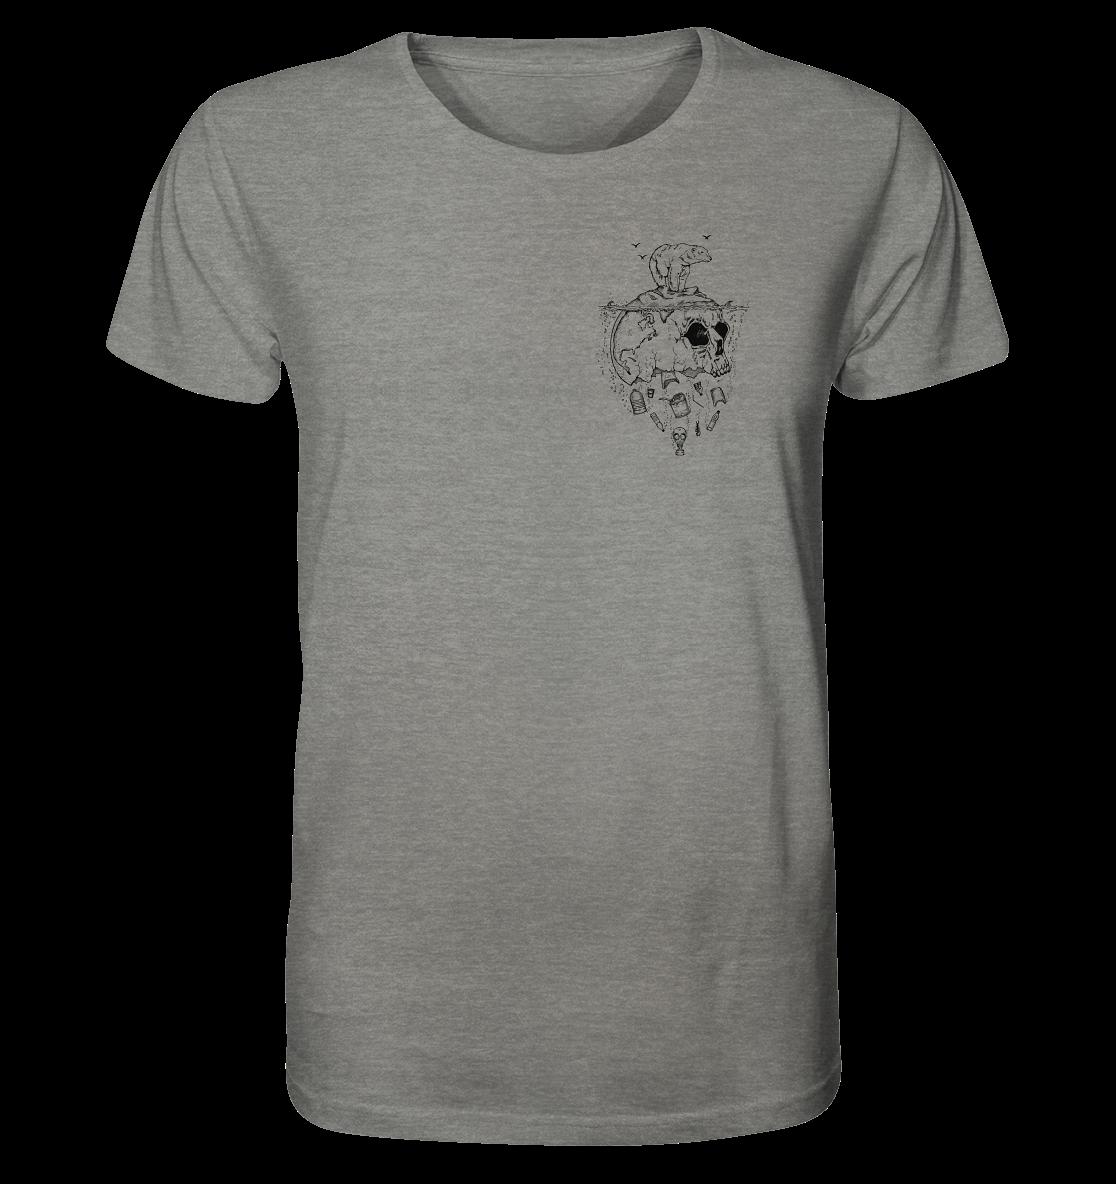 front-organic-shirt-meliert-818381-1116x-25.png